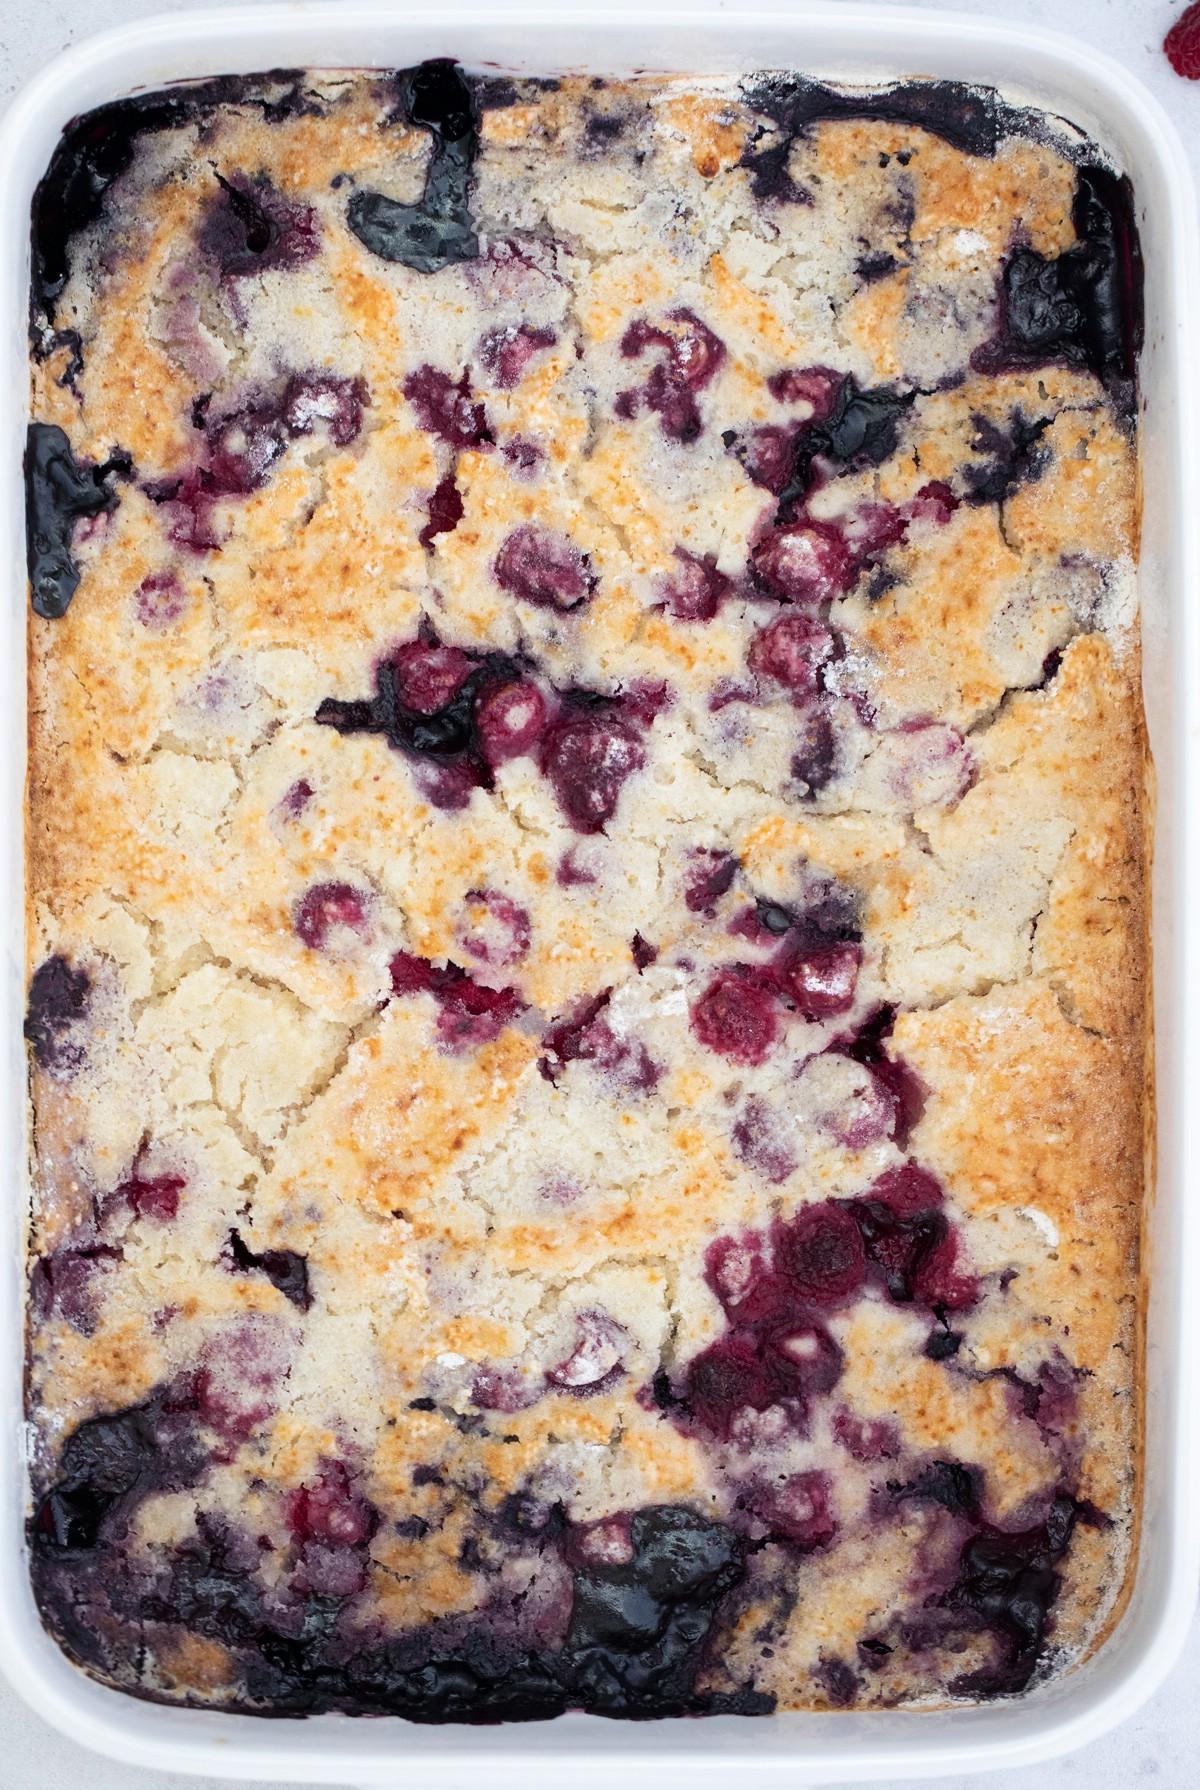 Baked berry cobbler